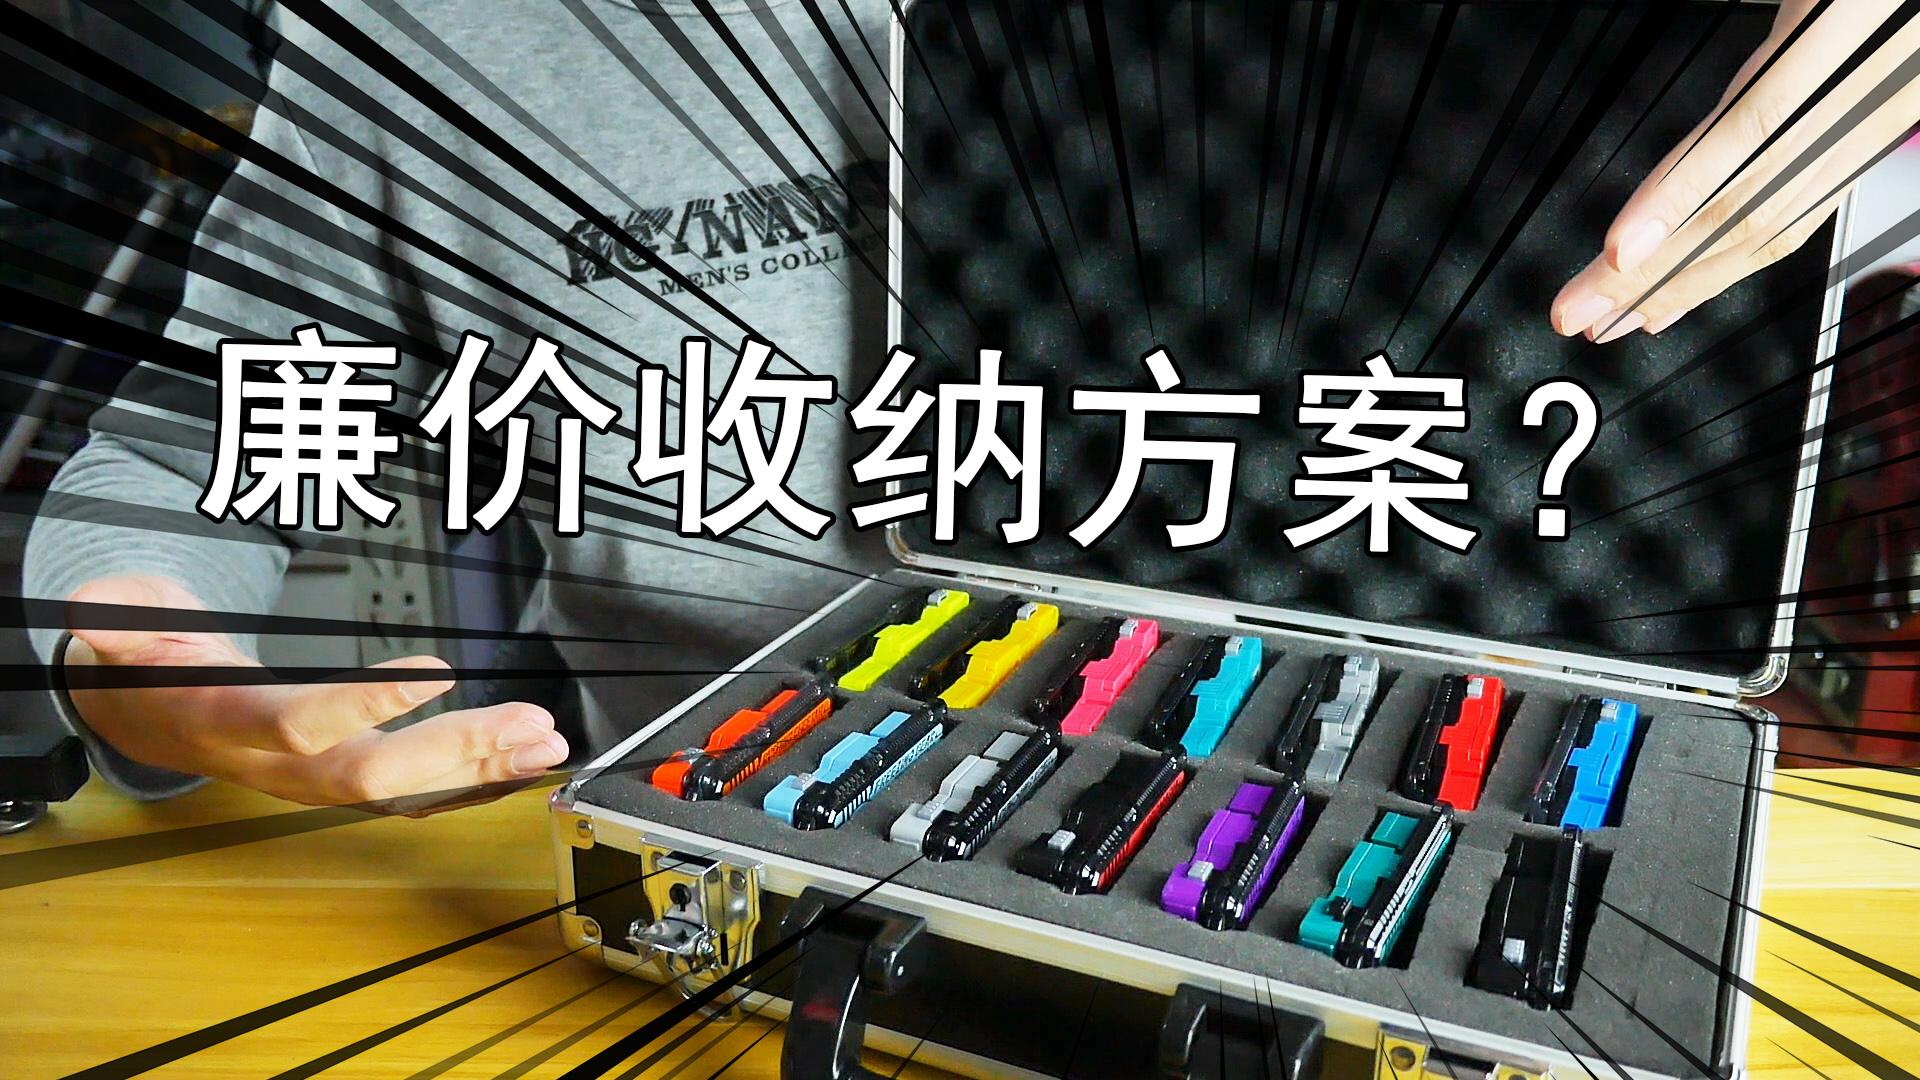 【零度模玩】假面骑士官方DX收纳太贵?不妨试试手提式铝合金箱!